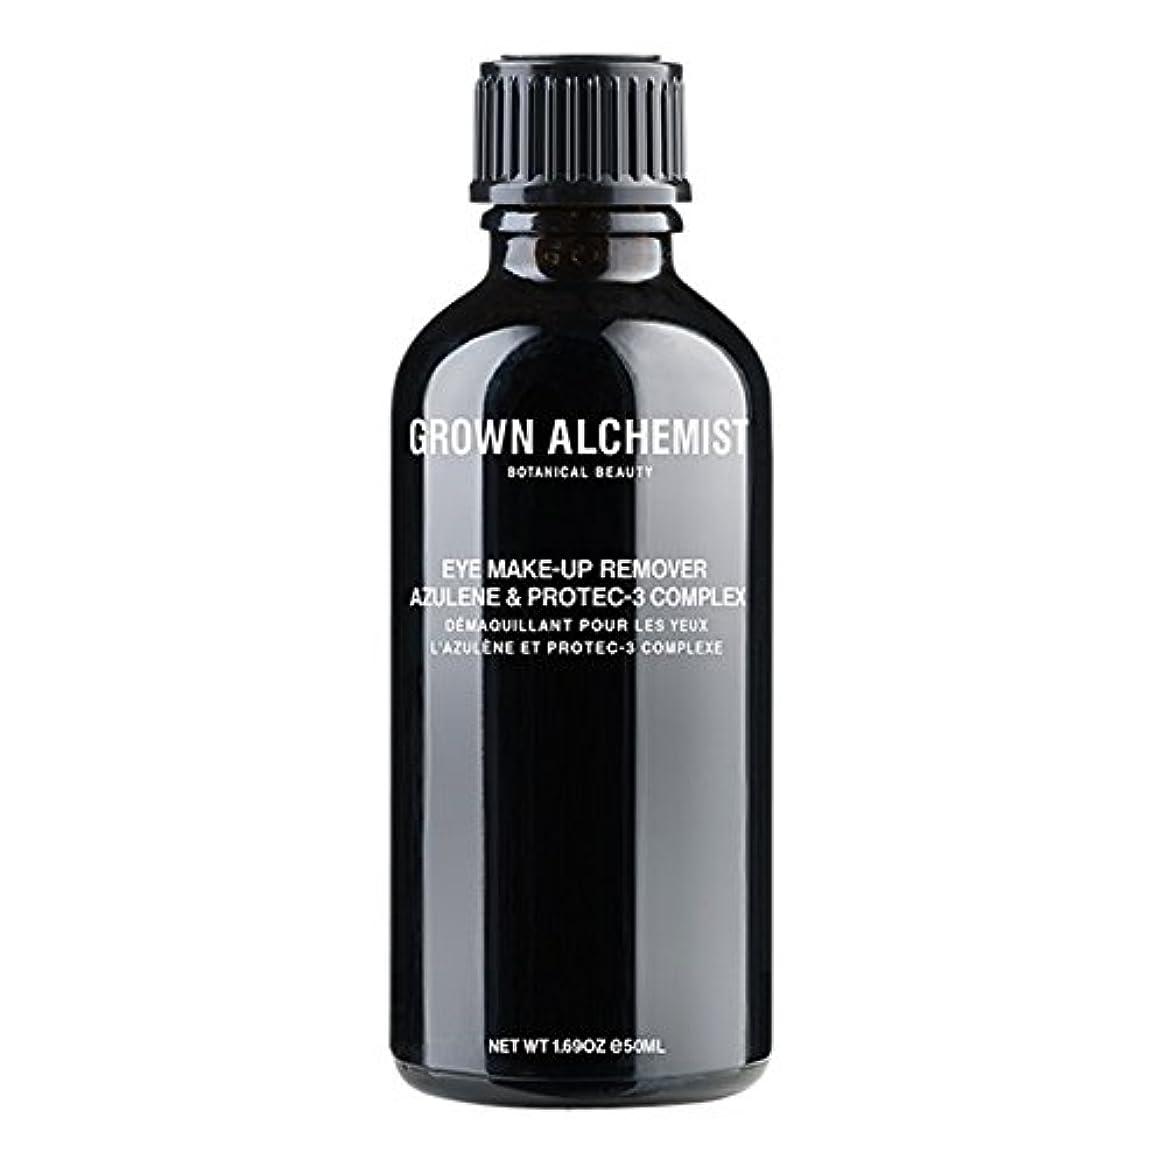 経験早い明日成長した錬金術師アズレン&Protec-3アイメイクアップリムーバーの50ミリリットル (Grown Alchemist) - Grown Alchemist Azulene & Protec-3 Eye-Makeup...